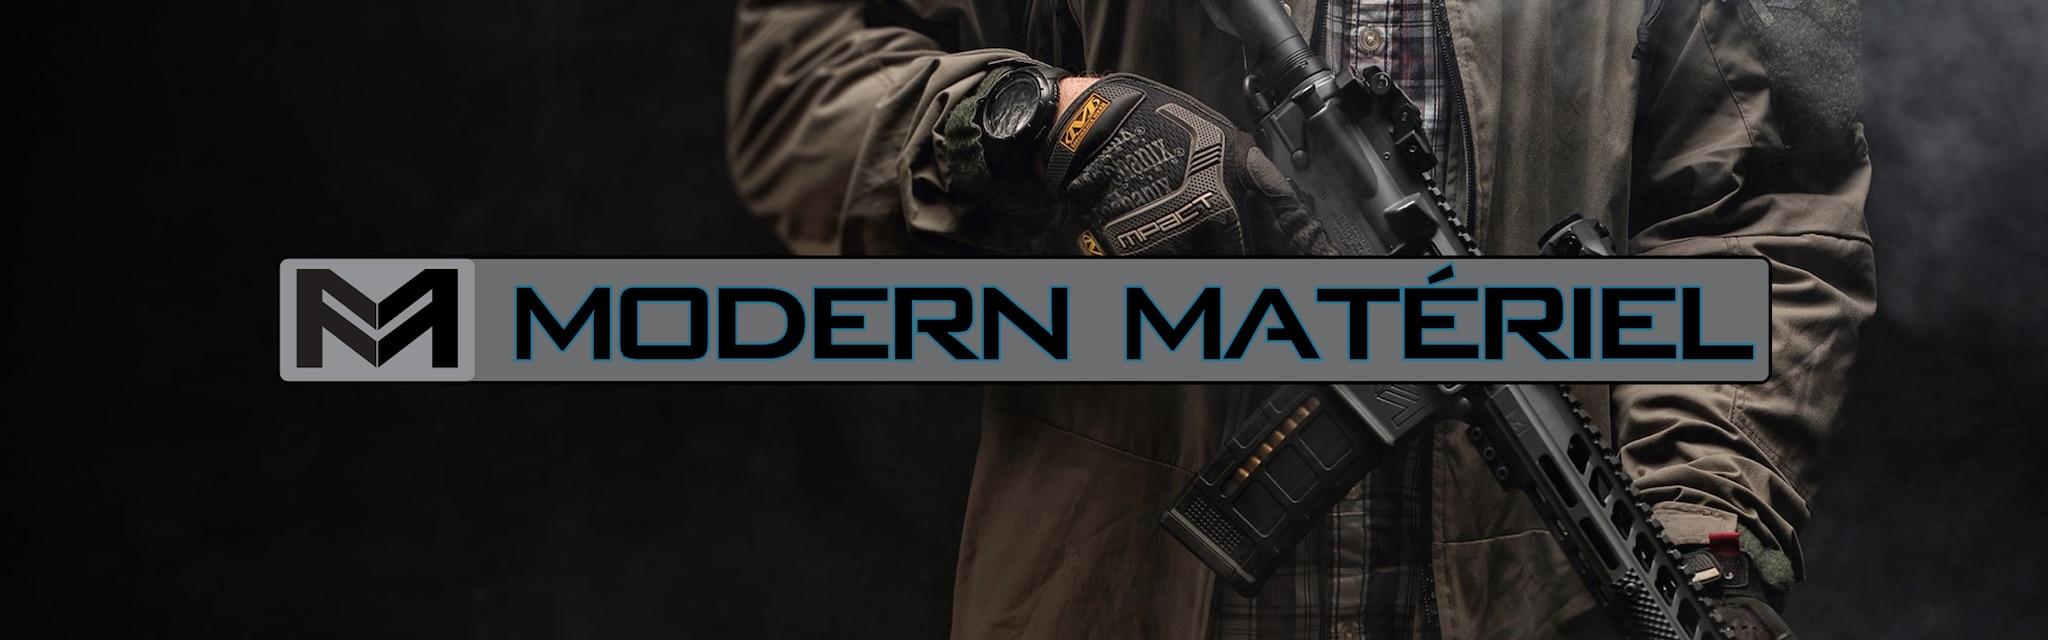 modern materiel brand banner